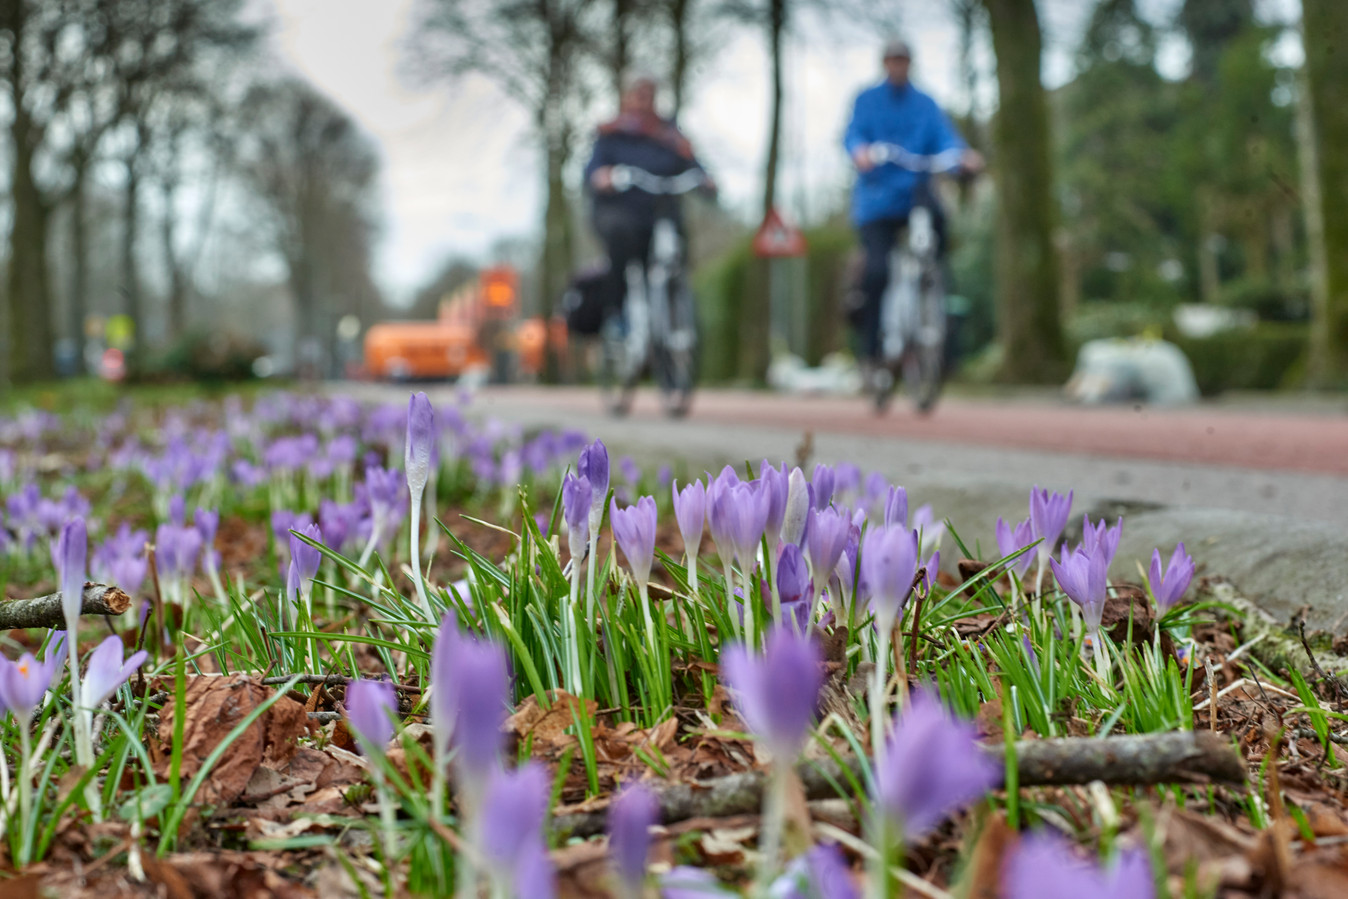 Krocussen in bloei aan de Nieuwe Hescheweg te Oss.